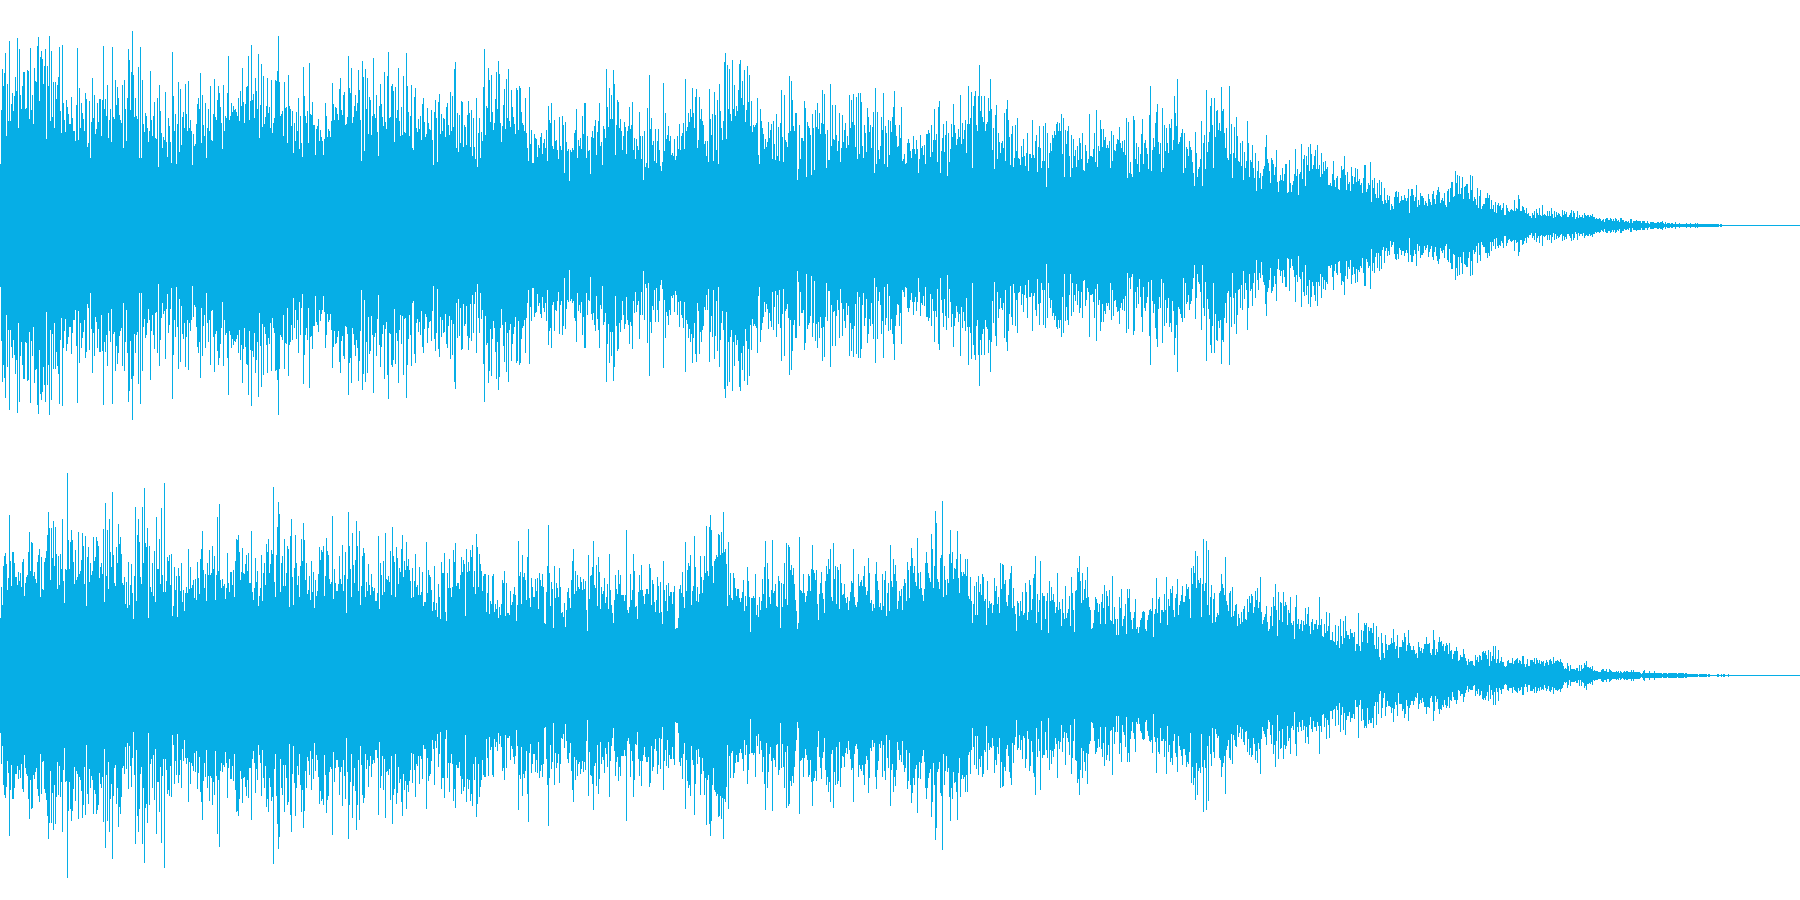 ホラー系アタック音19の再生済みの波形